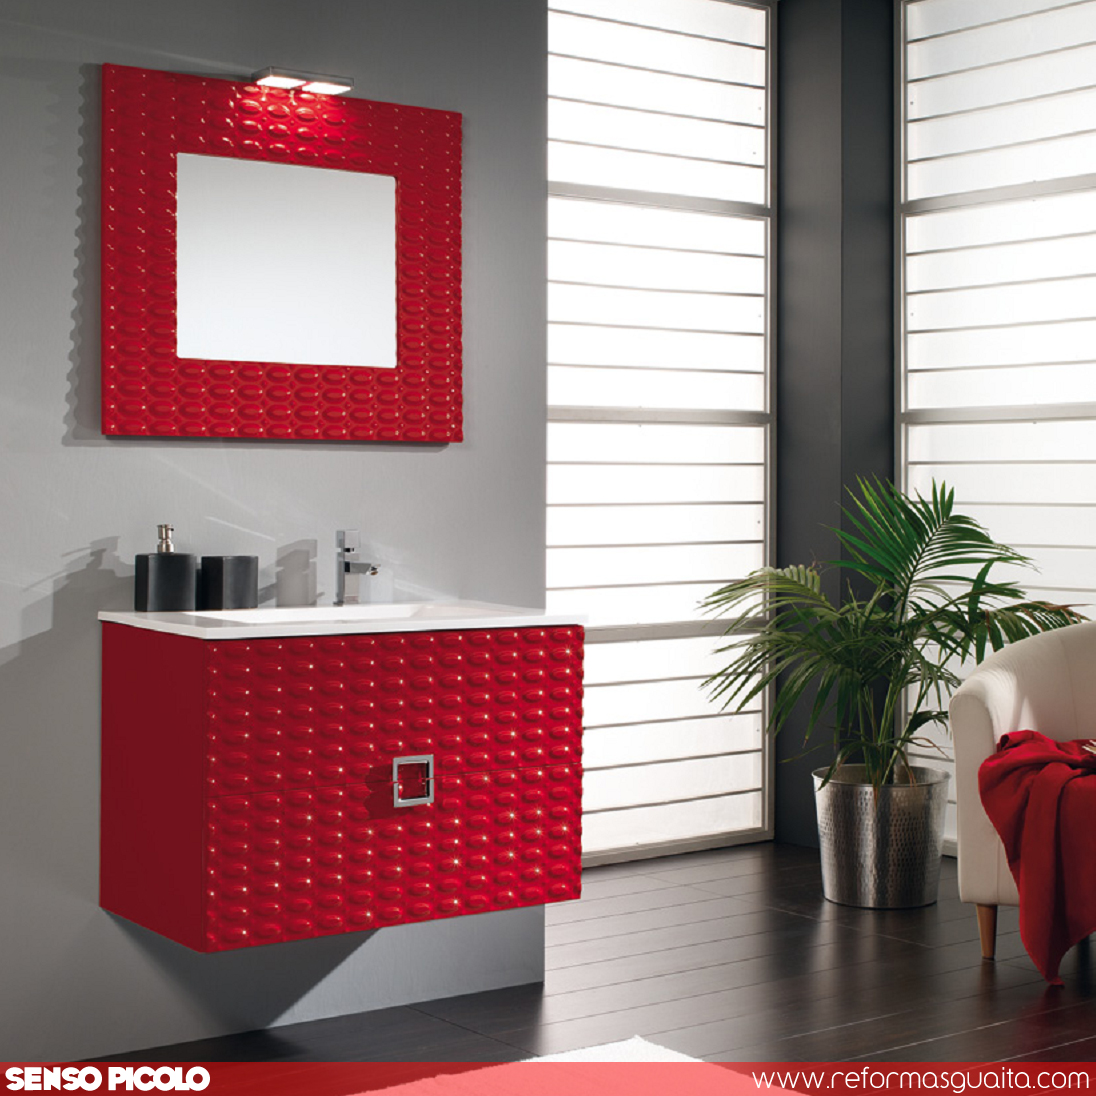 Juegos De Baño Rojos:Consejos para elegir tu mueble de baño ~ Reformas Guaita